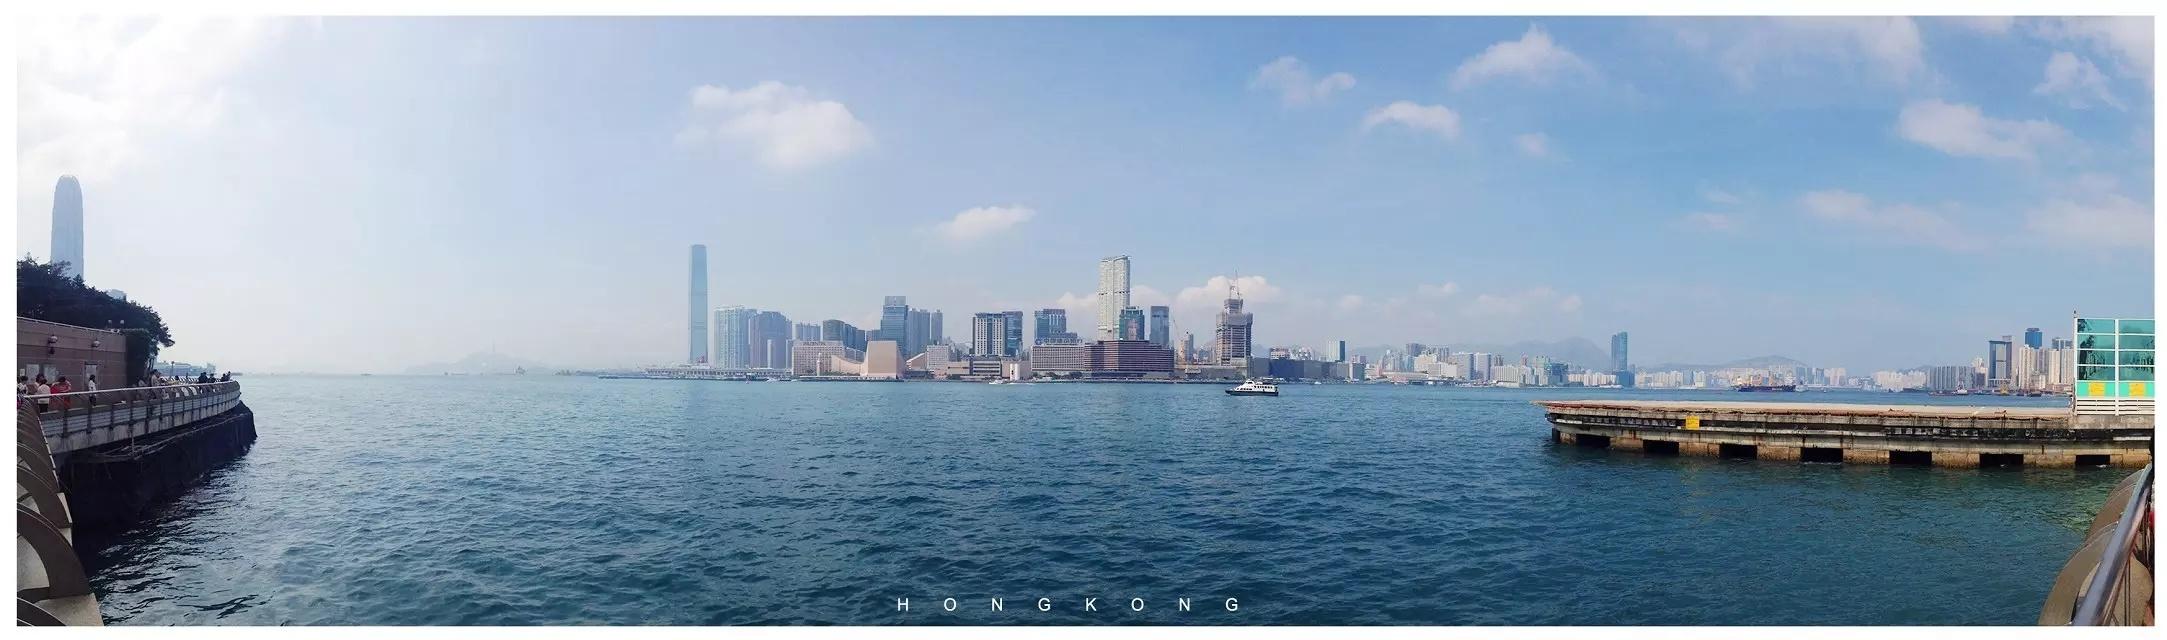 香港人说,香港房价必须这么贵!